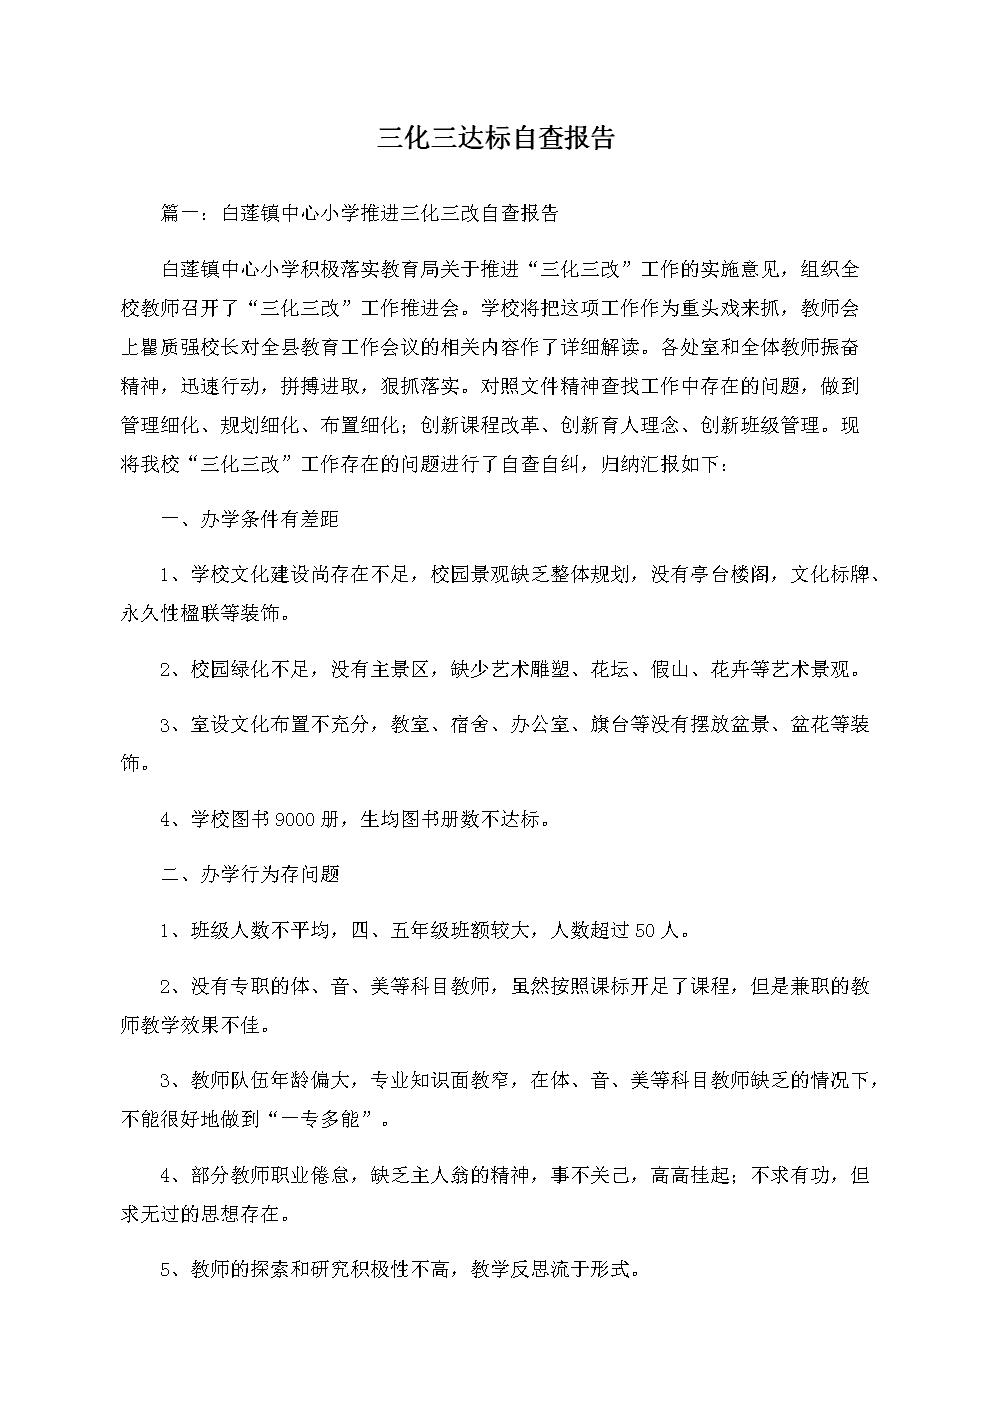 三化三达标自查报告.docx